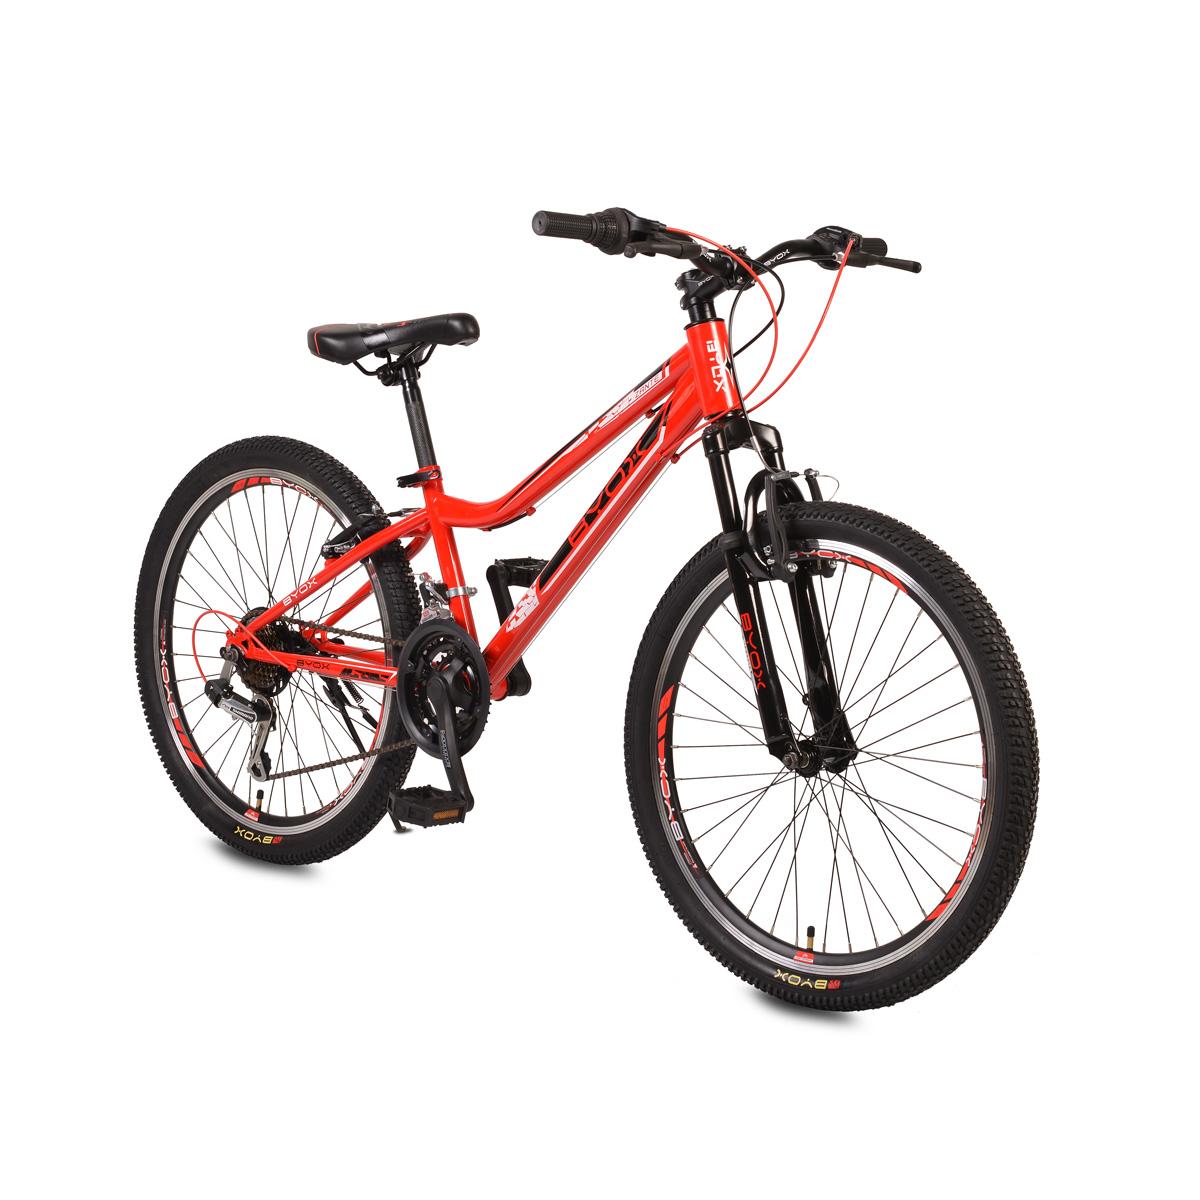 Παιδικό Ποδήλατο 24' Zante Red Byox